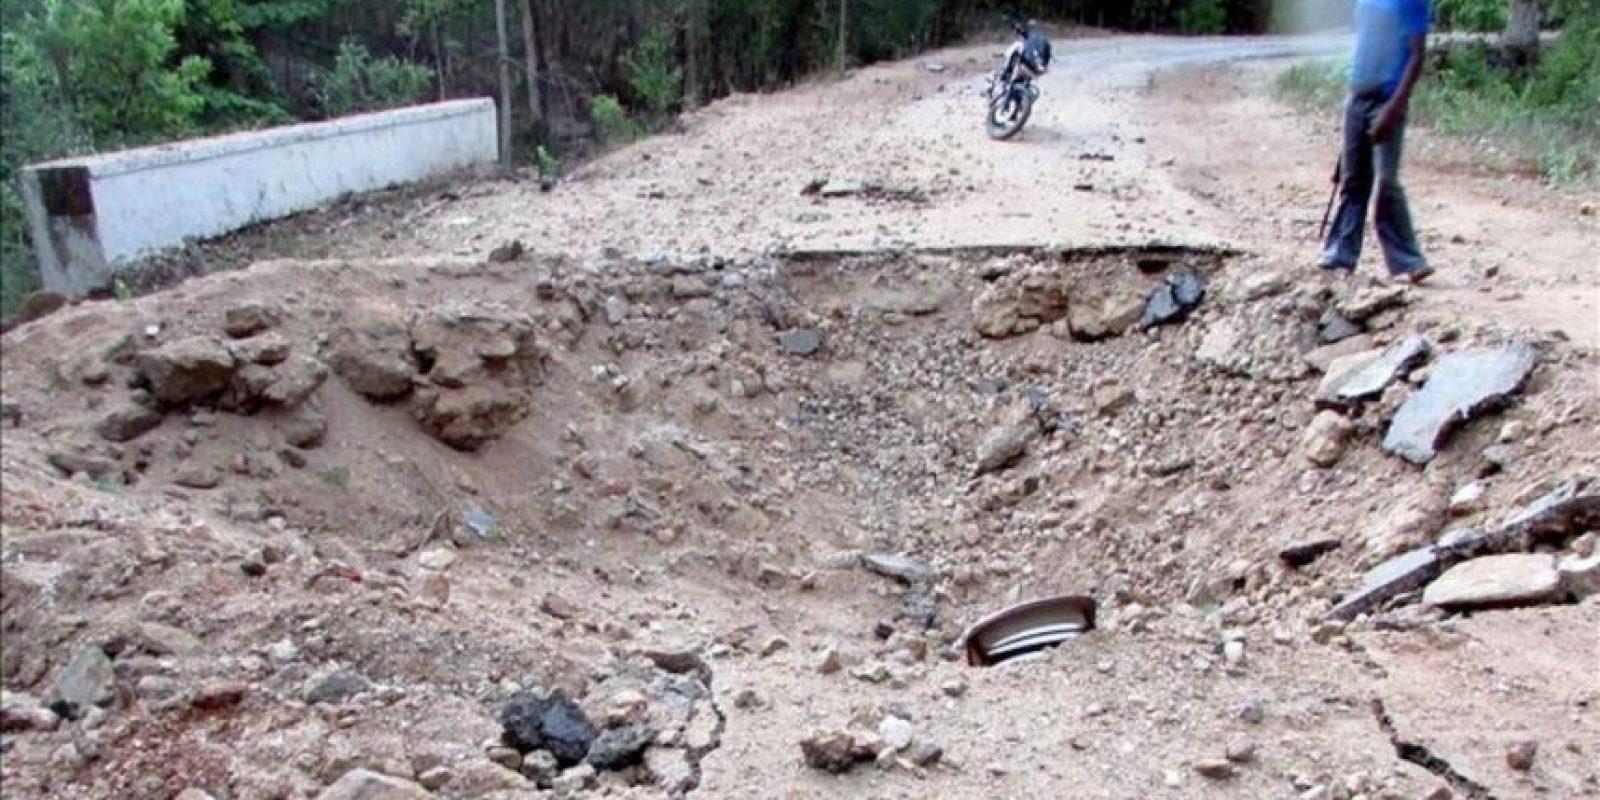 Un hombre indio junto al cráter causado por la explosión de las minas terrestres en un ataque maoísta a los líderes del Congreso en el distrito Sukma, Chhattisgarh, India. EFE